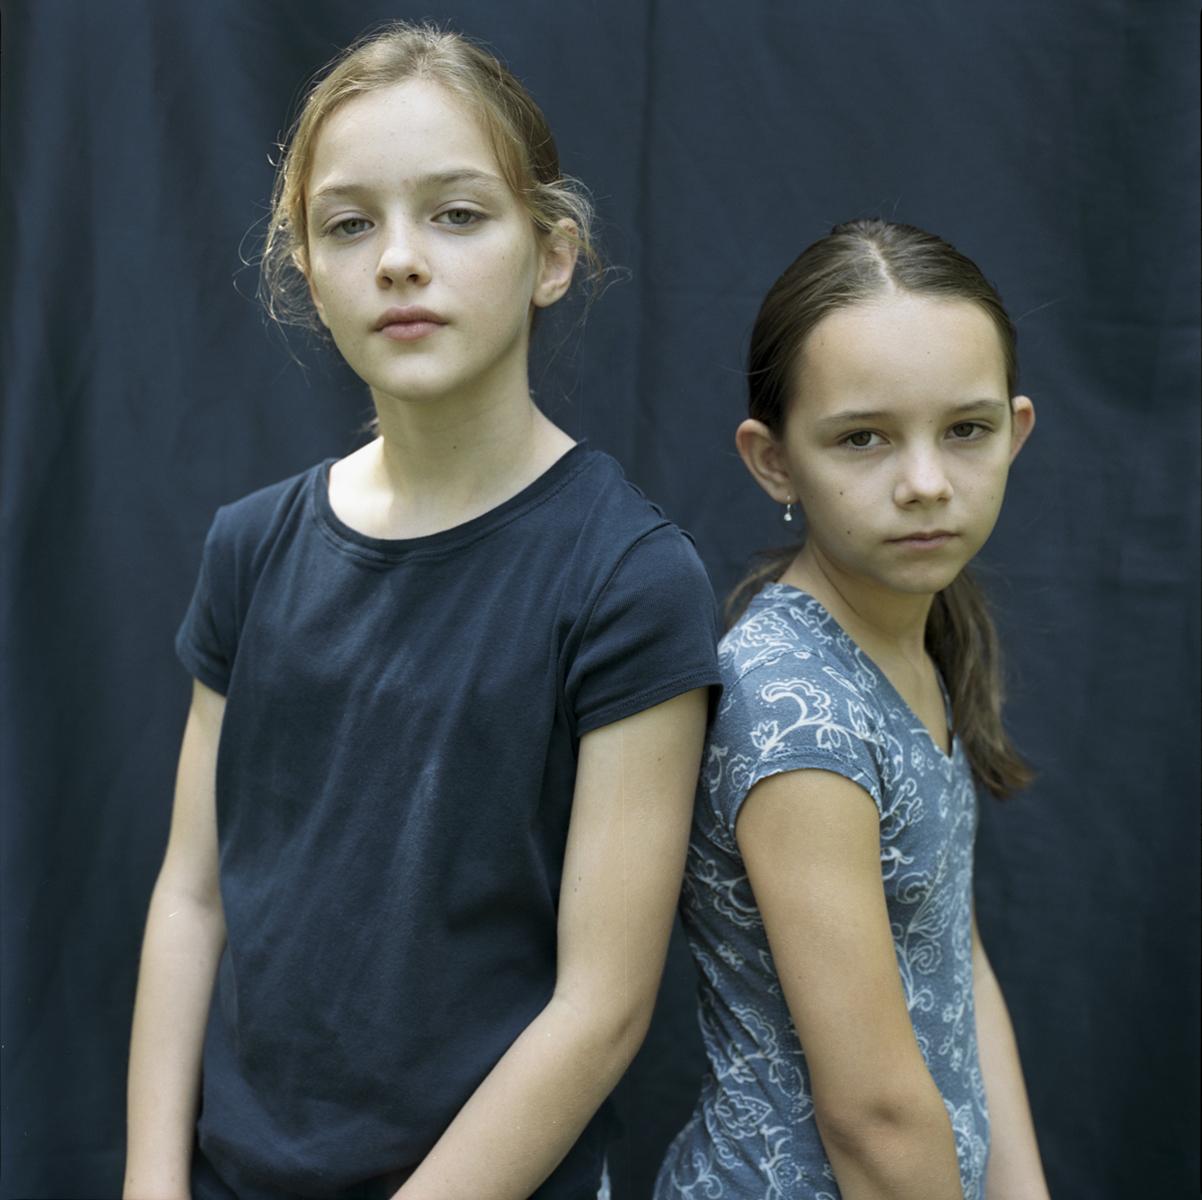 011_Claire & Sonia